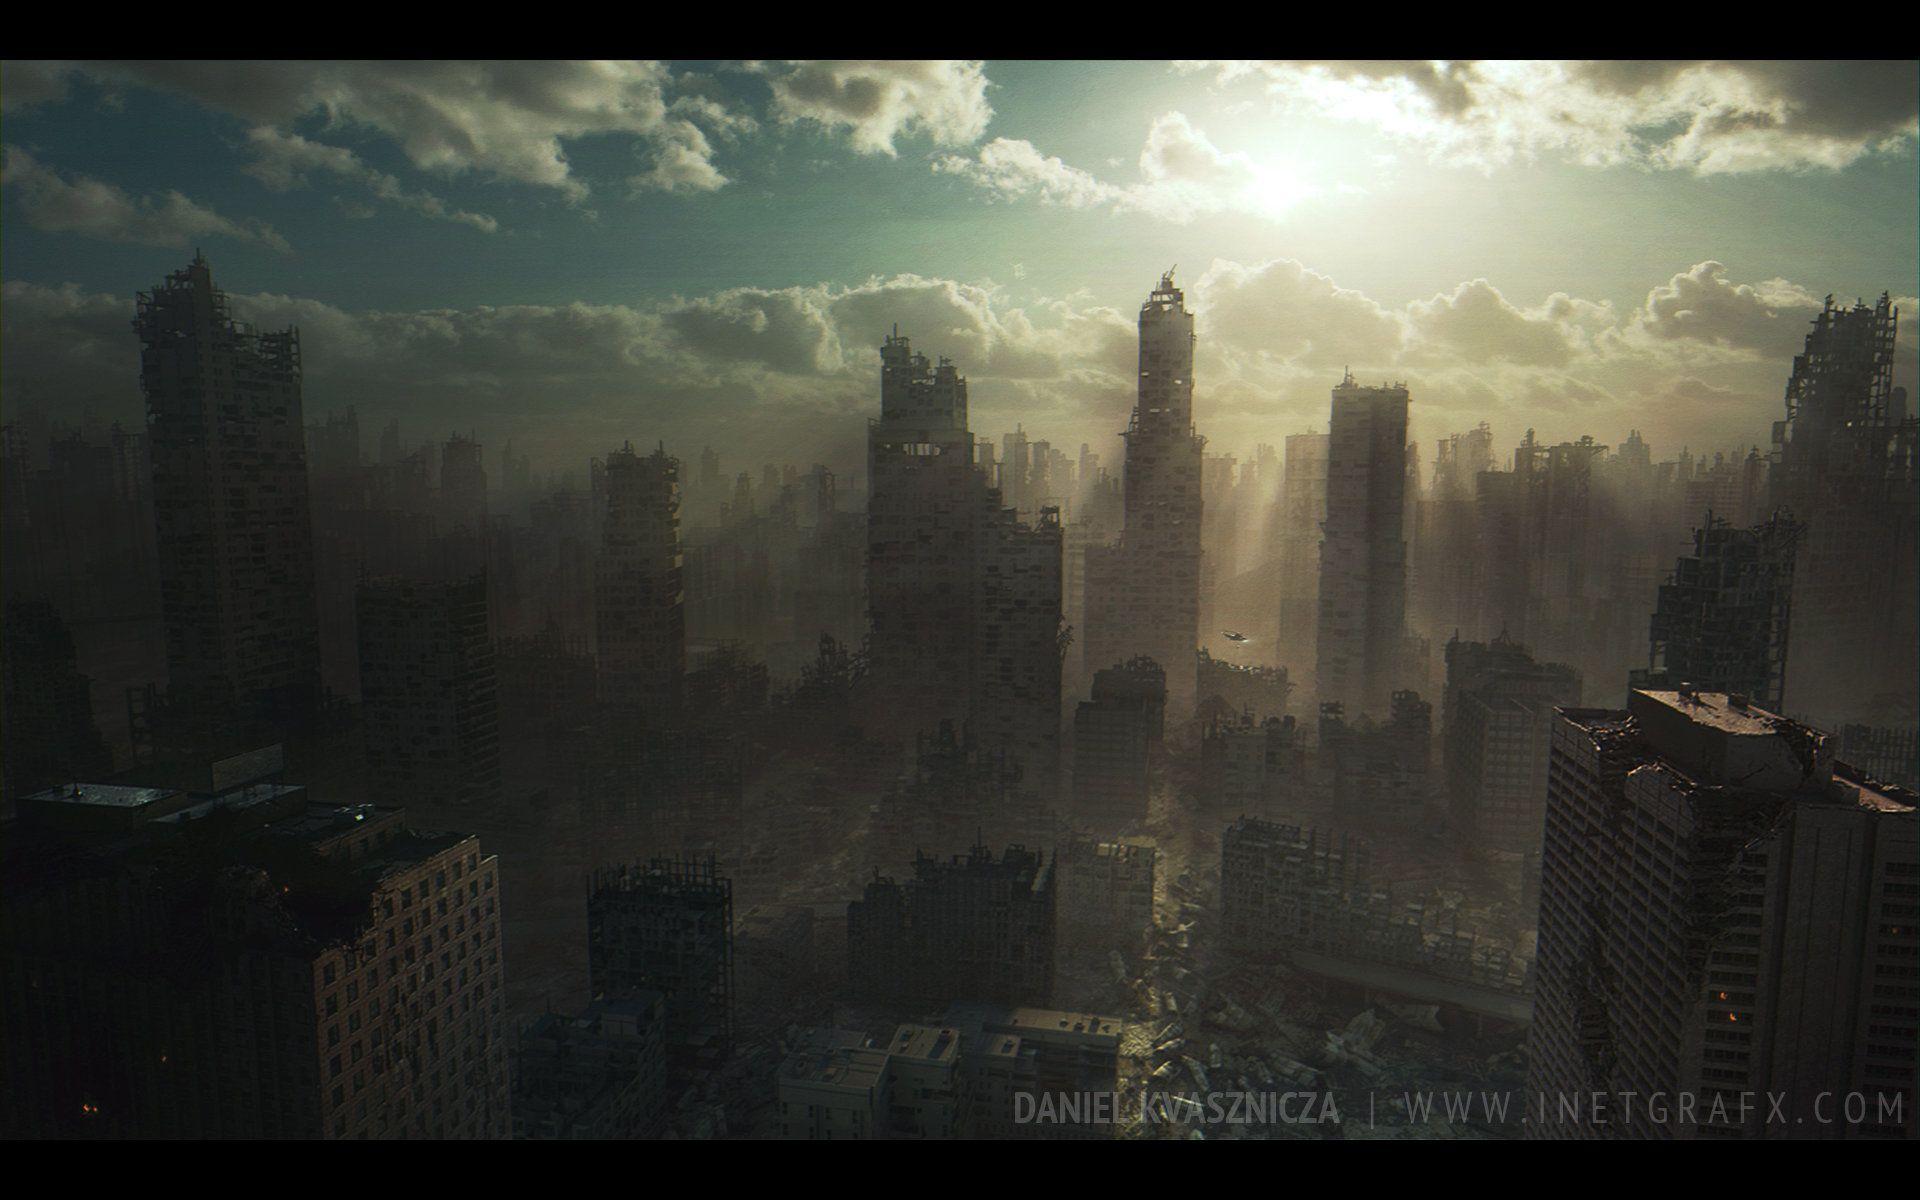 Ciudad abandonada 3622e6abc0ca3883fea1350a0d702c89